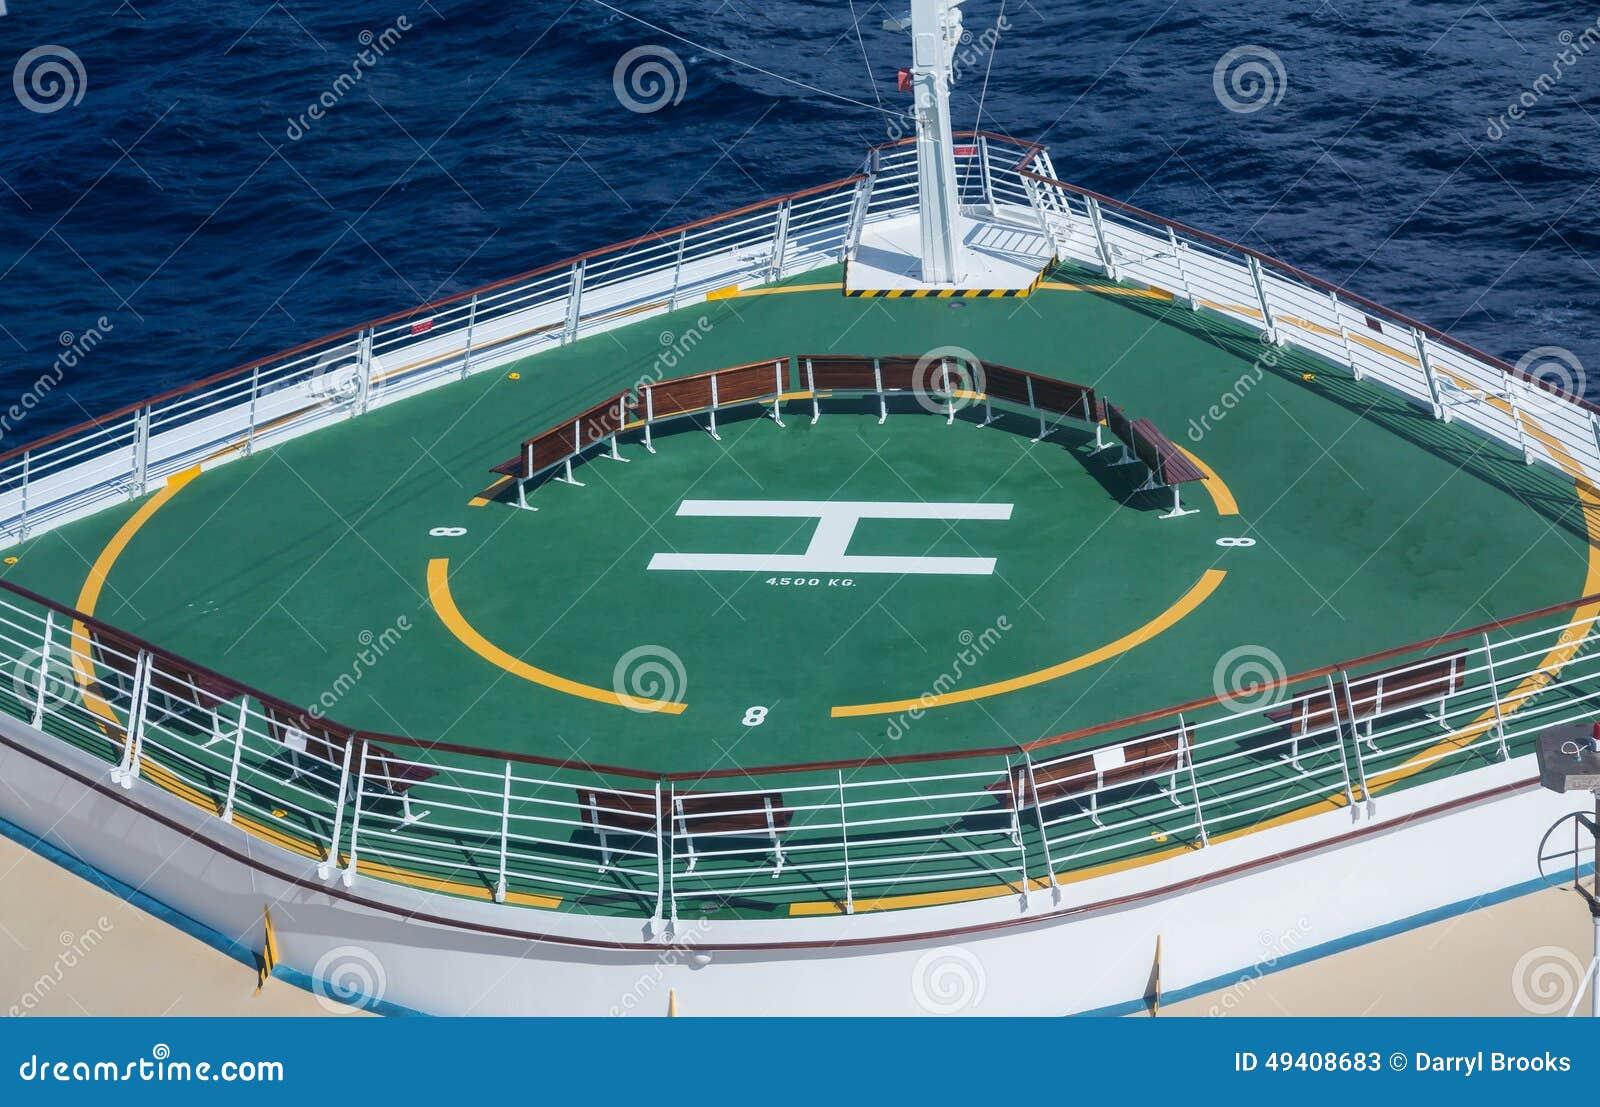 Download Grüne Hubschrauber-Auflage Auf Bogen Des Kreuzschiffs Stockbild - Bild von meer, zeichen: 49408683